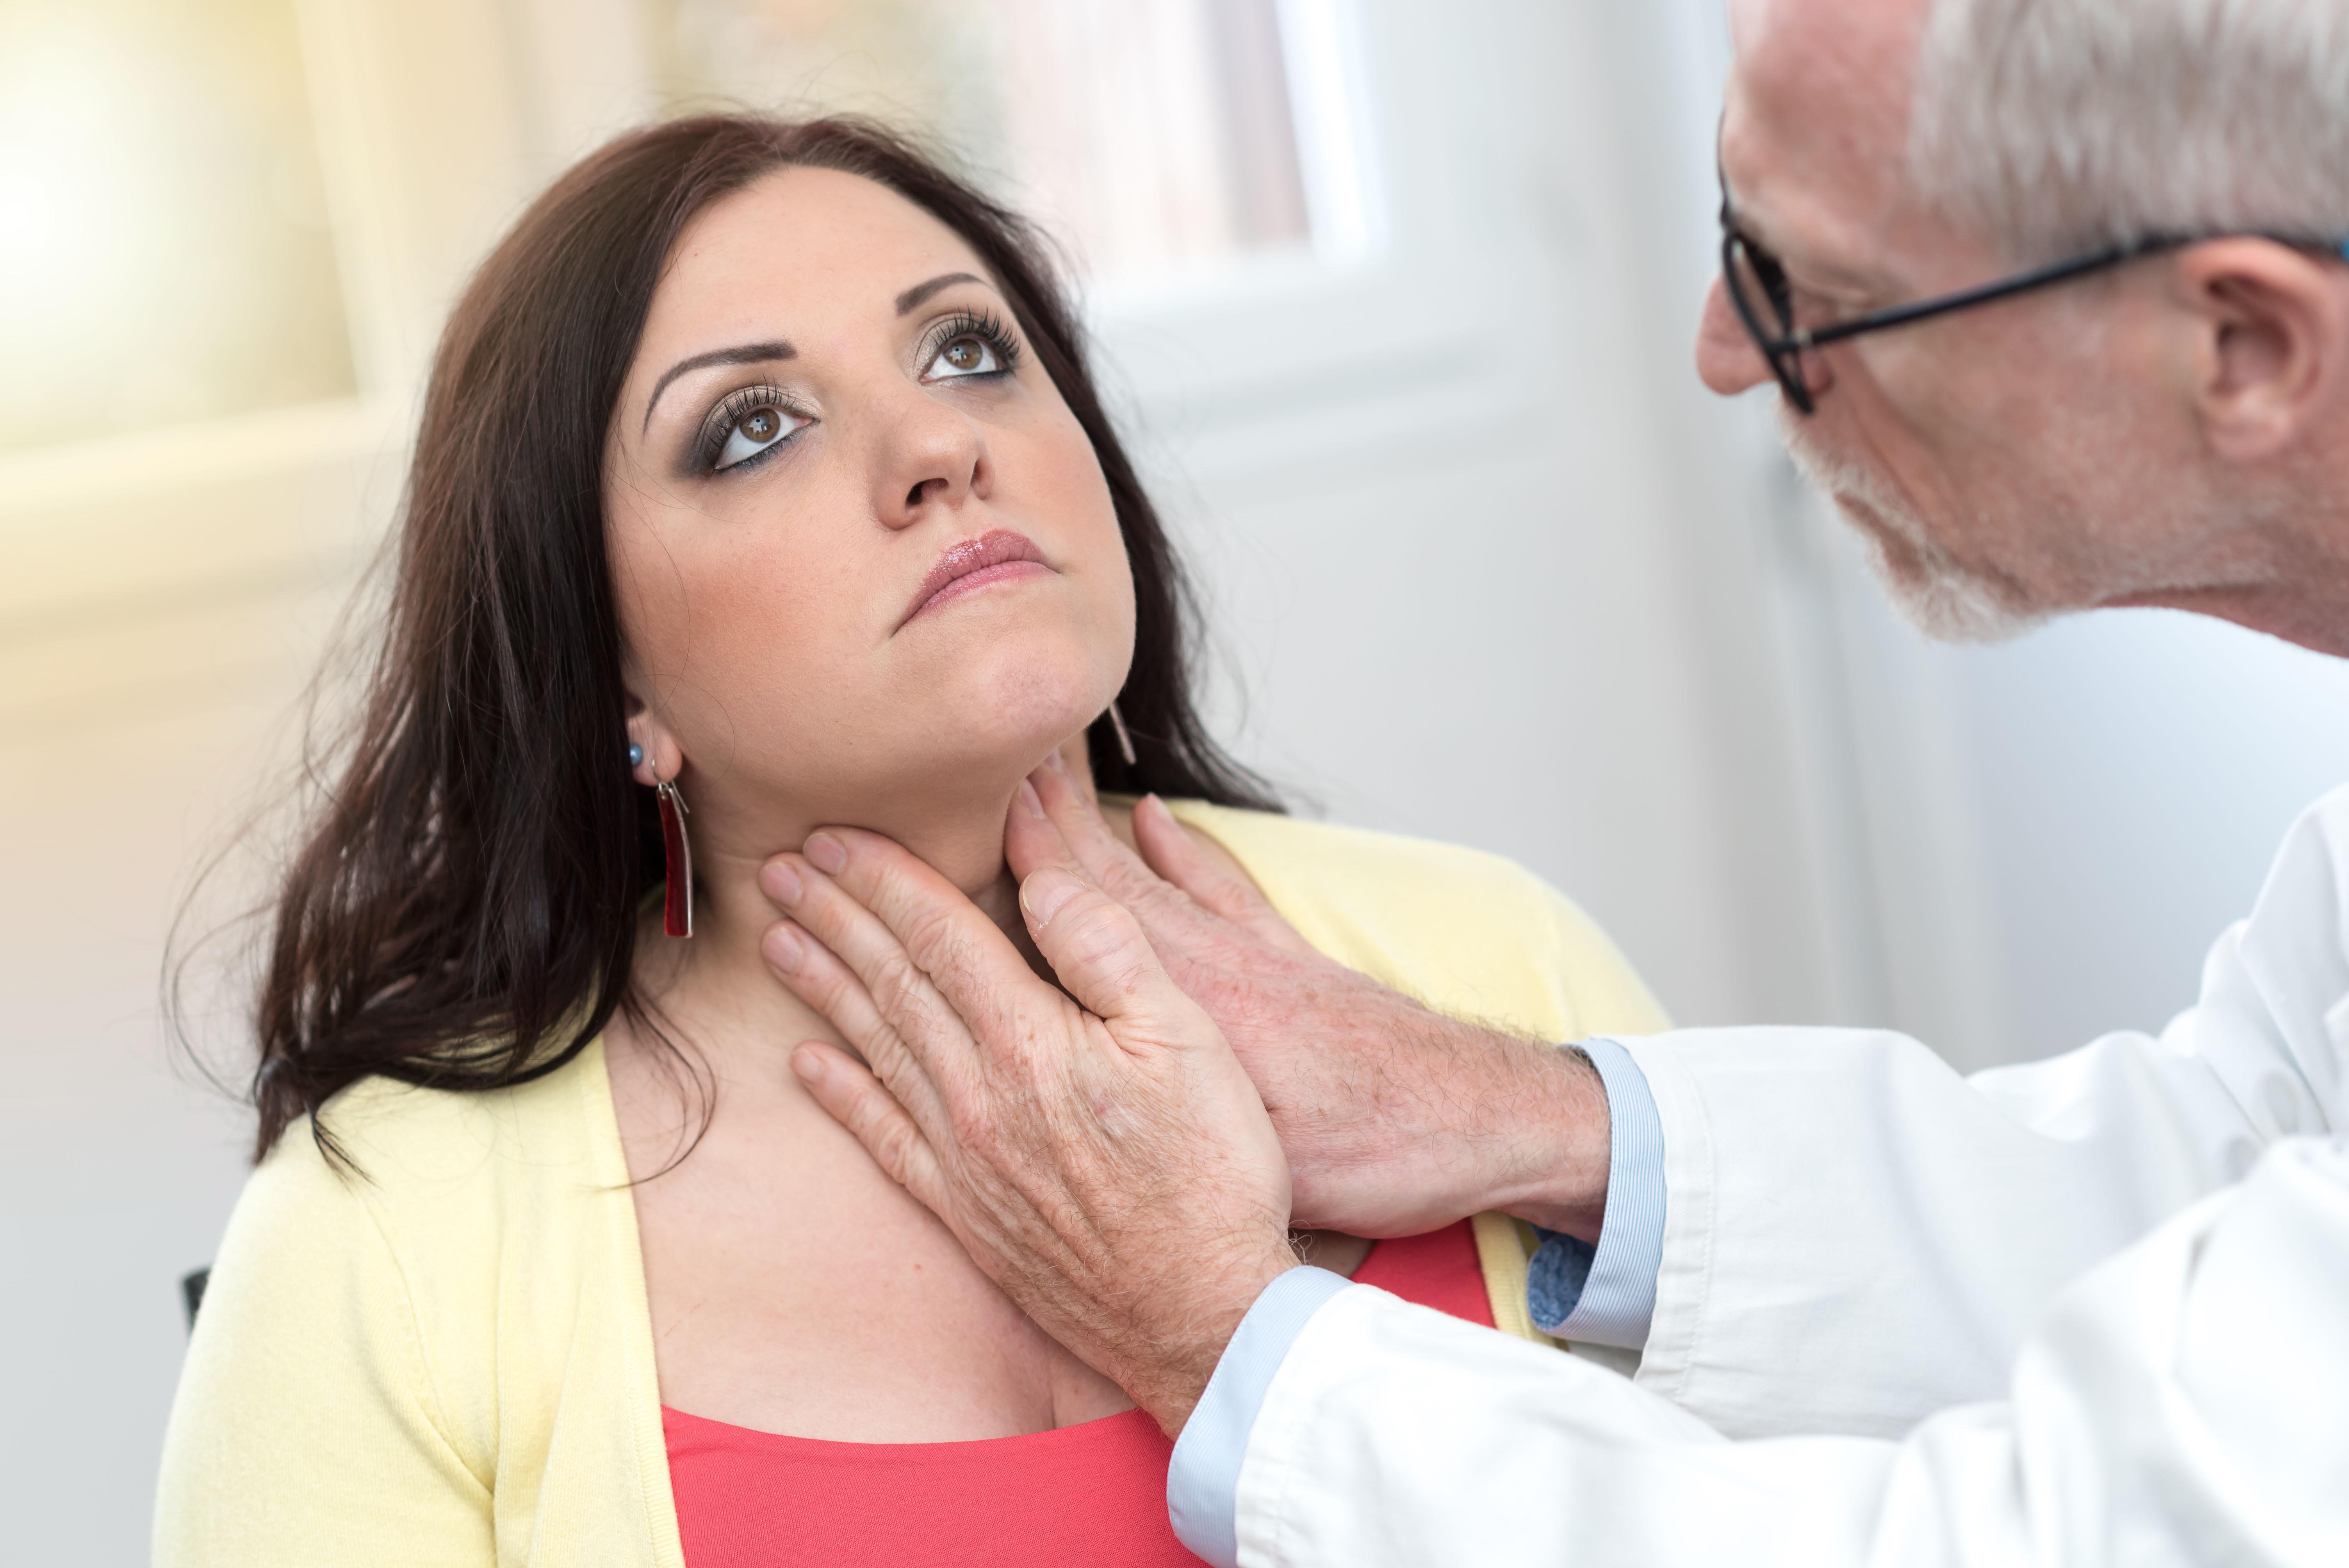 medico examinando paciente